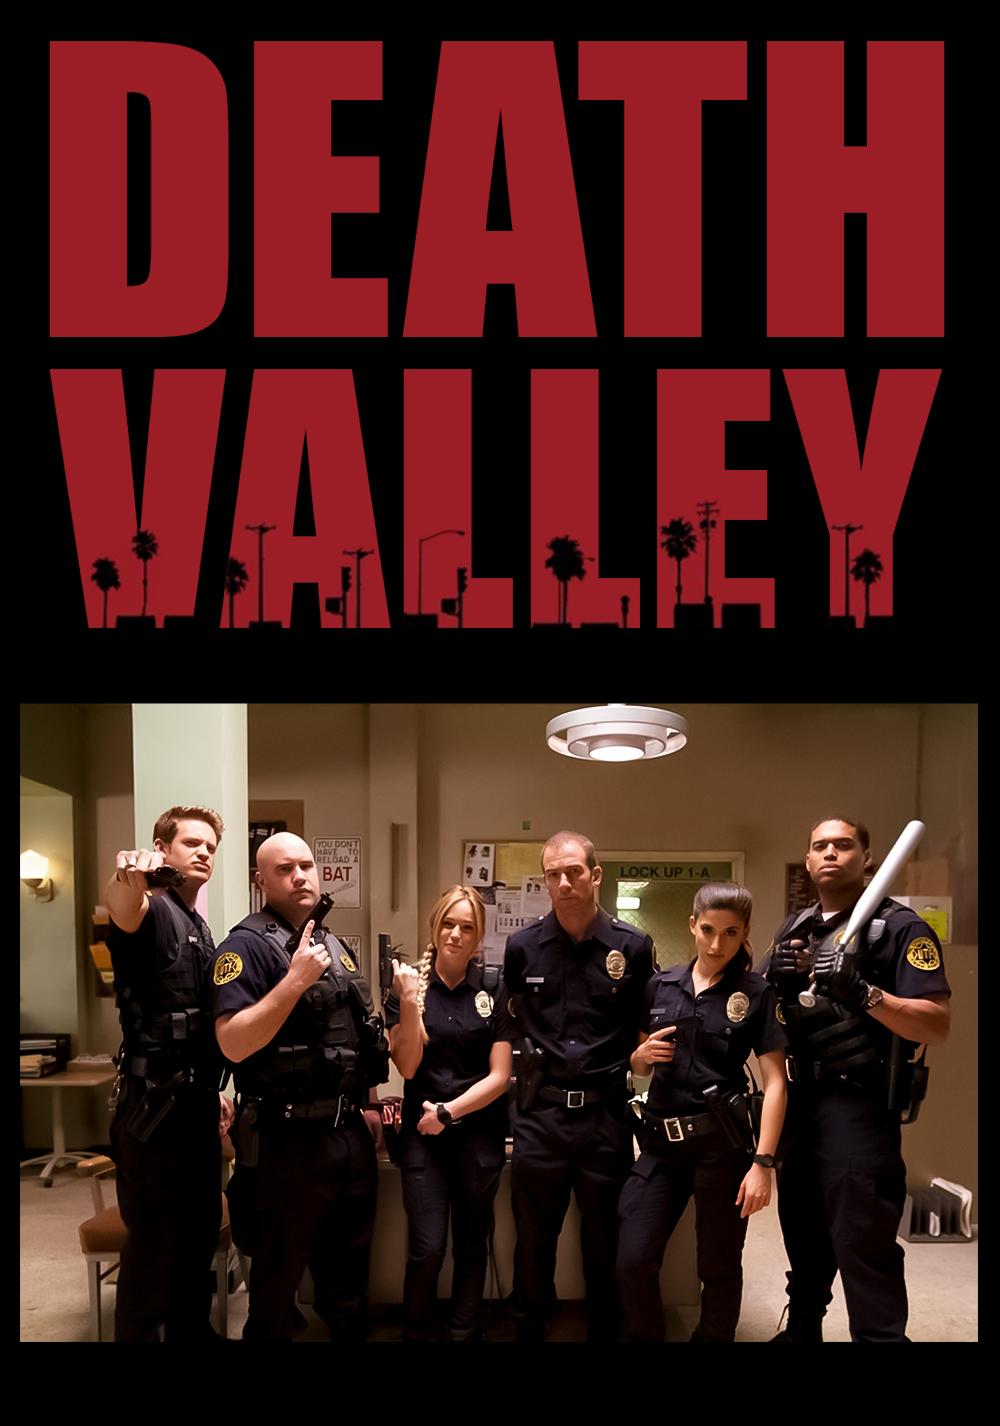 death valley serie